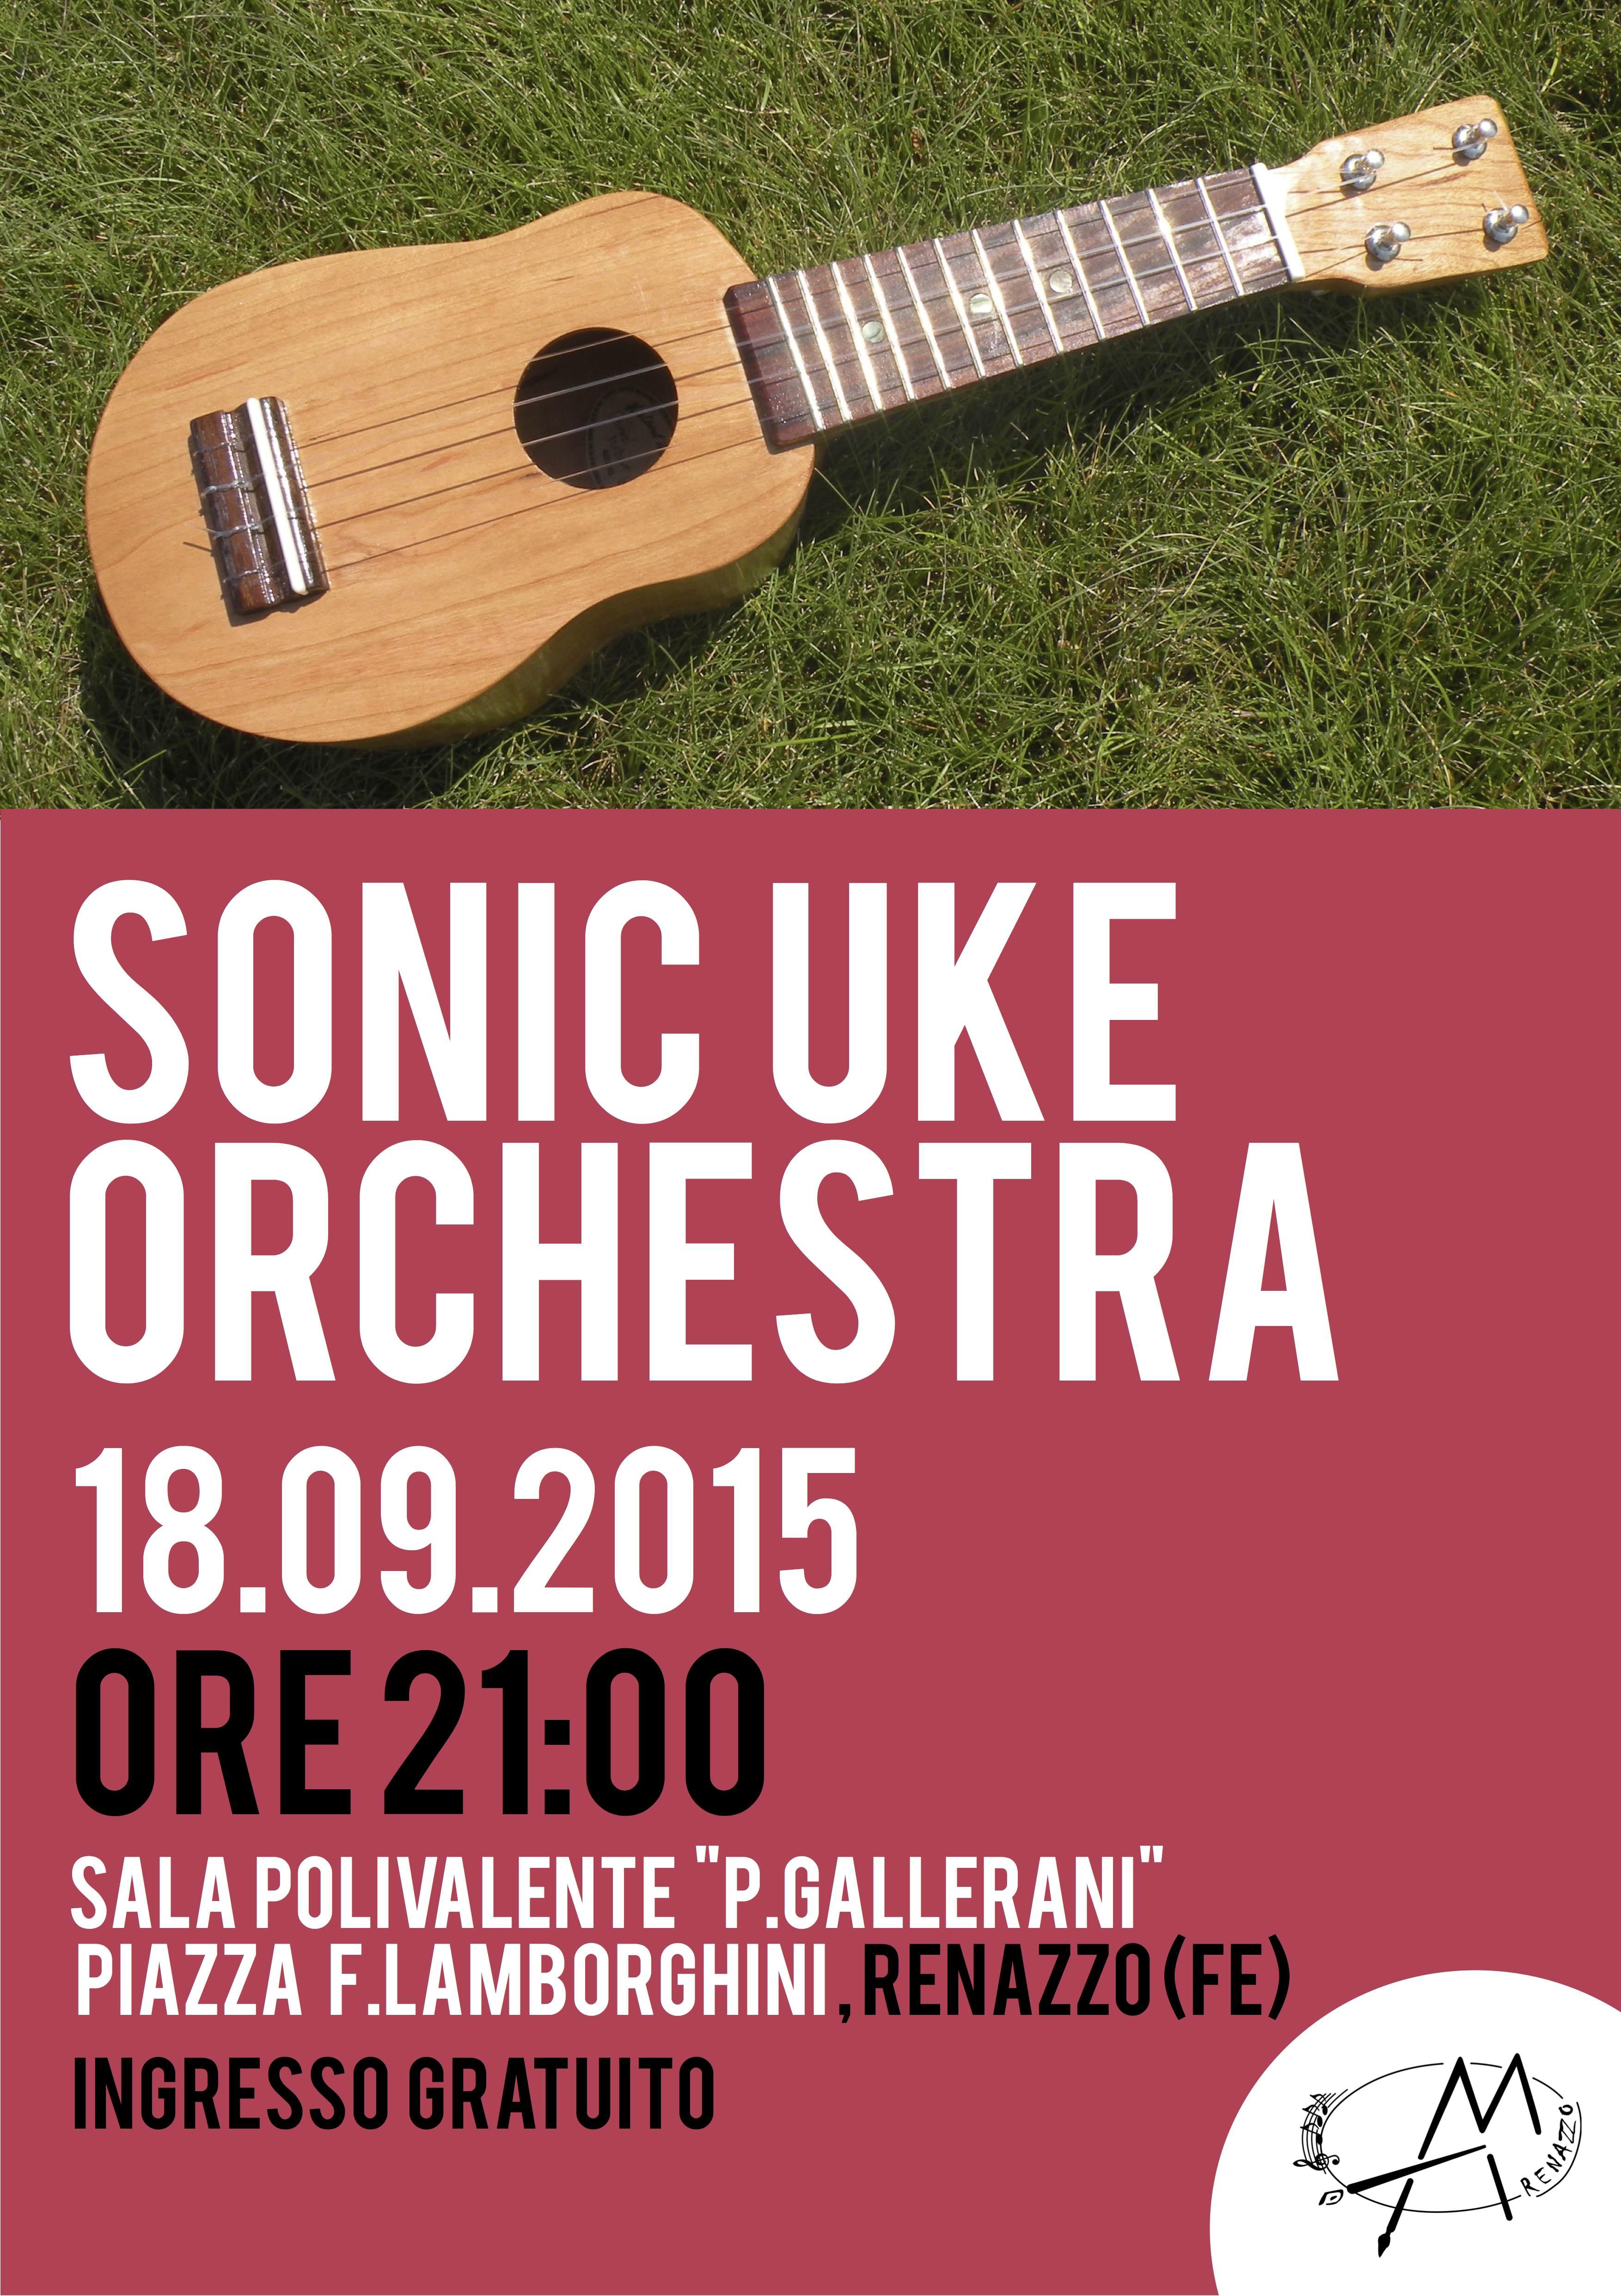 orchestra-ukulele_Locandina